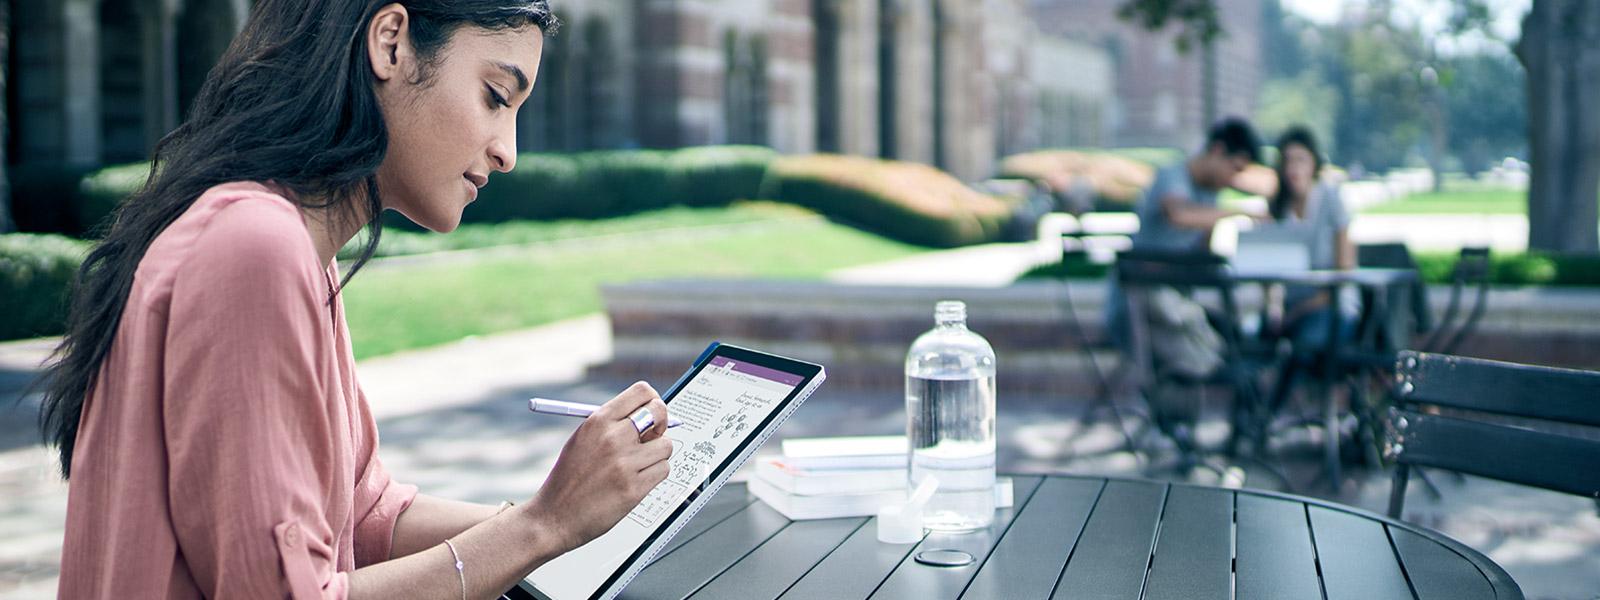 女人坐在室外环境中,使用平板模式的 Surface Pro 4 的触摸屏。